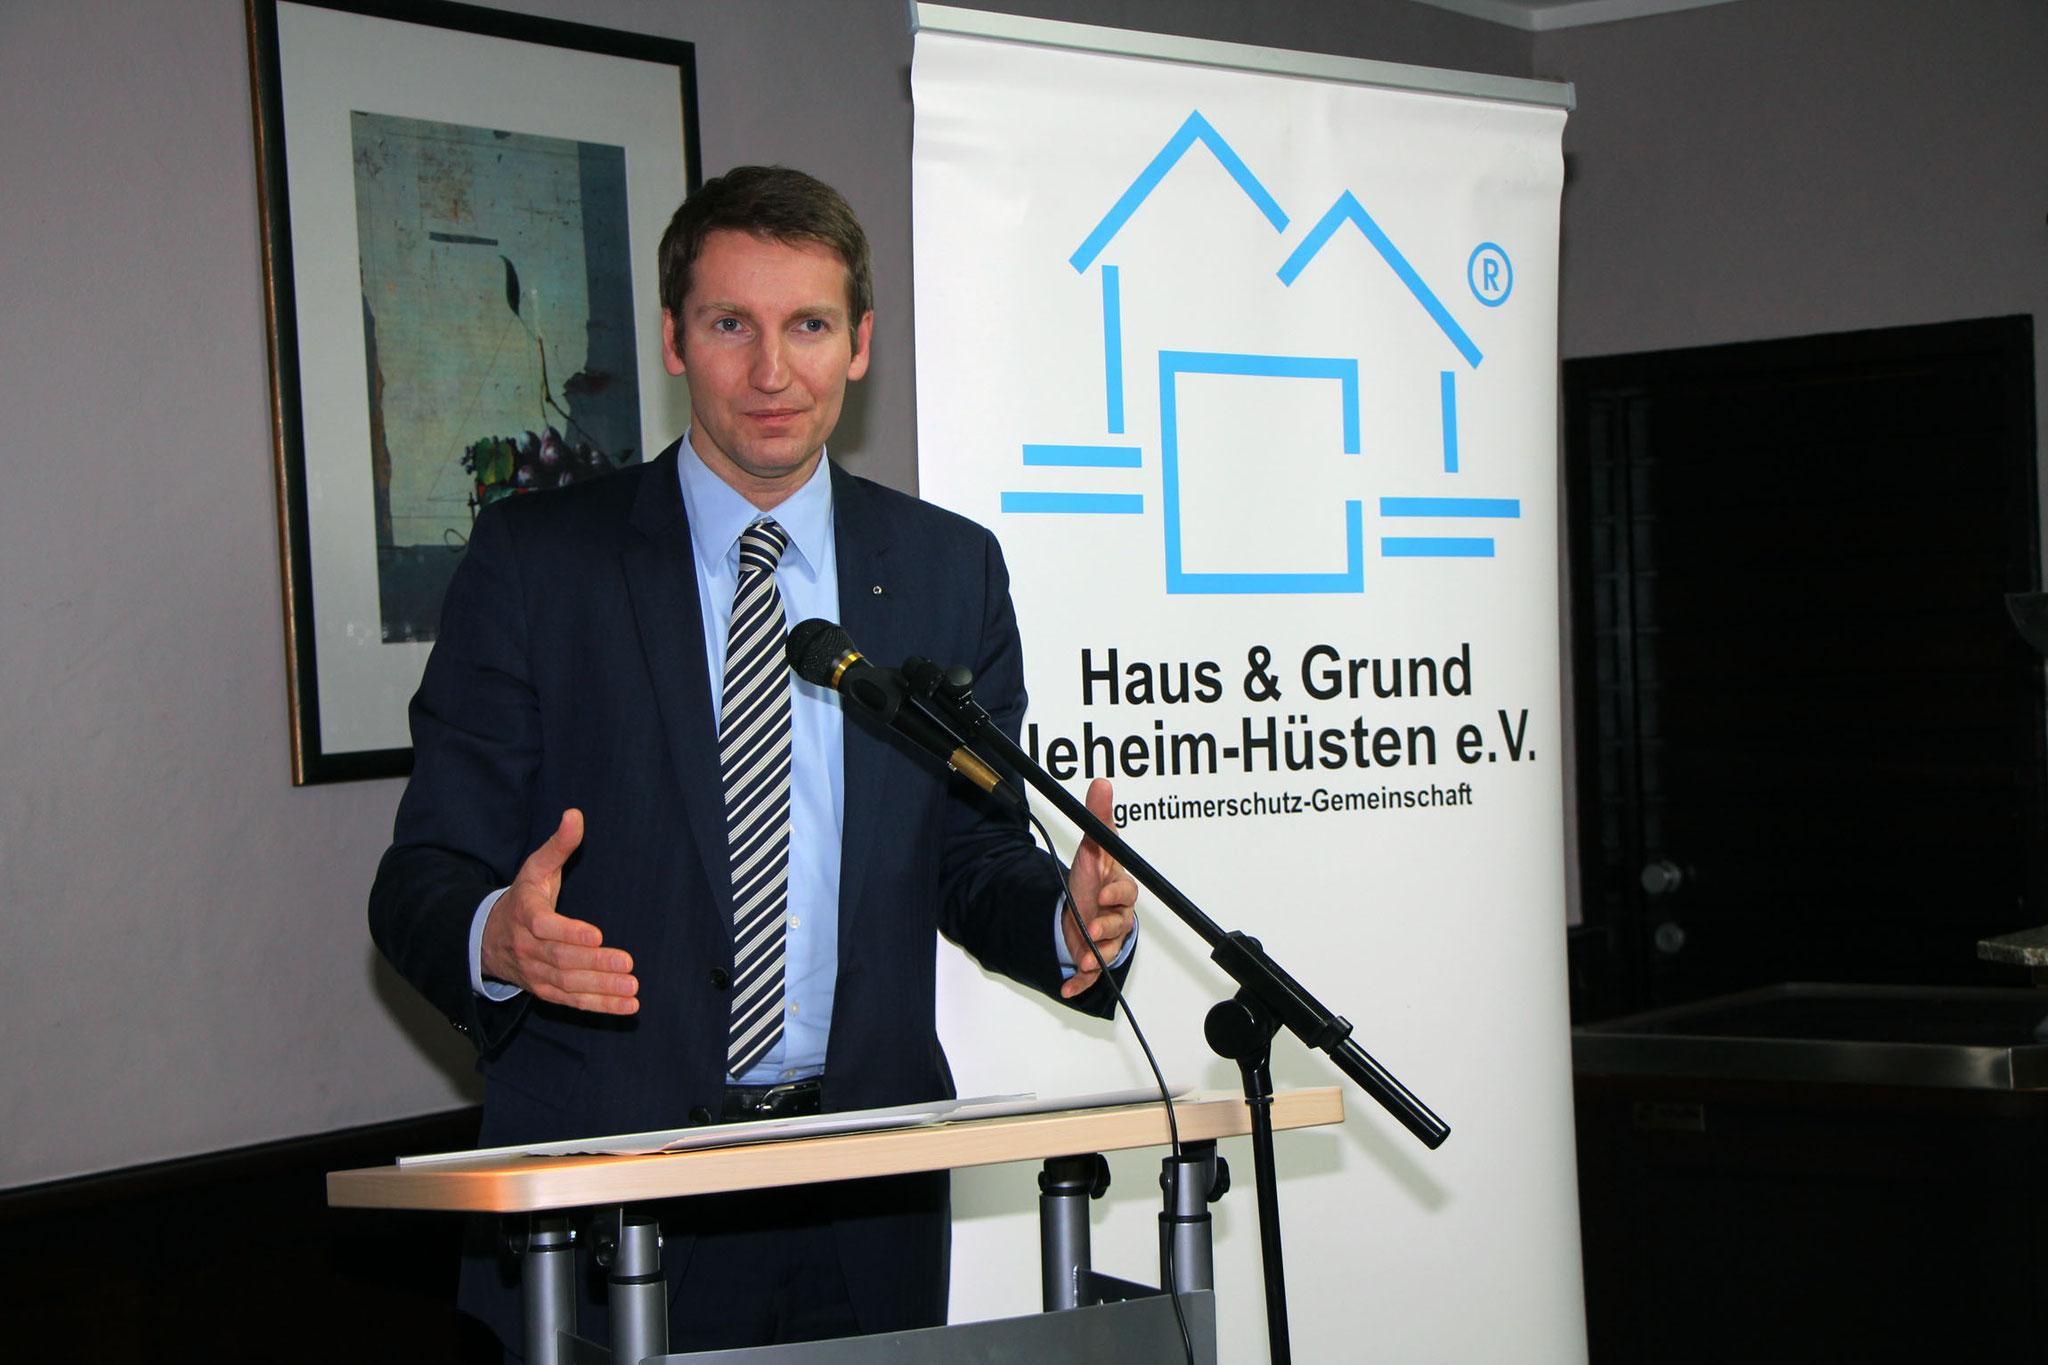 Patrick Sensburg, Mitglied des Bundestages der CDU